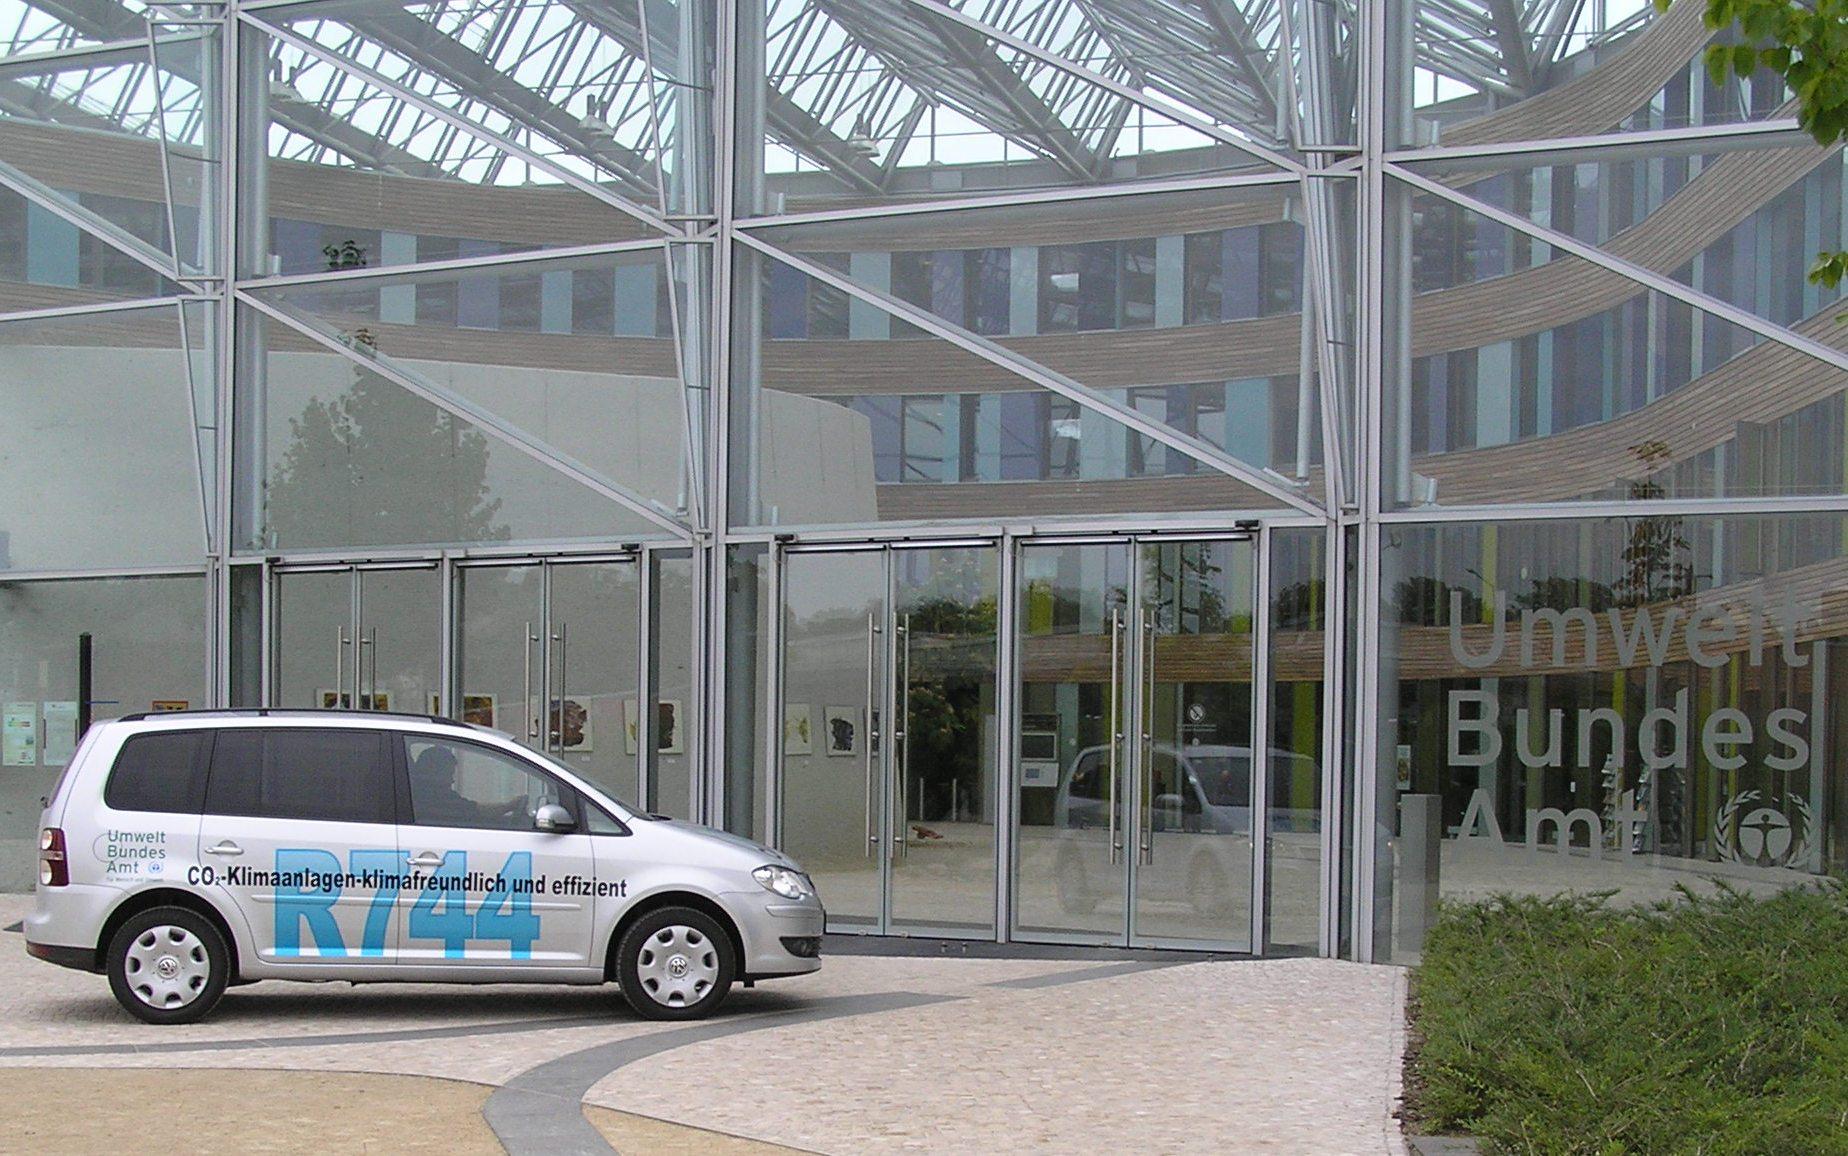 Ein silberner VW Touran steht vor Glastüren. Auf dem Auto steht in scharzer Schrift: CO2-Klimaanlagen - klimafreundlich und effizient